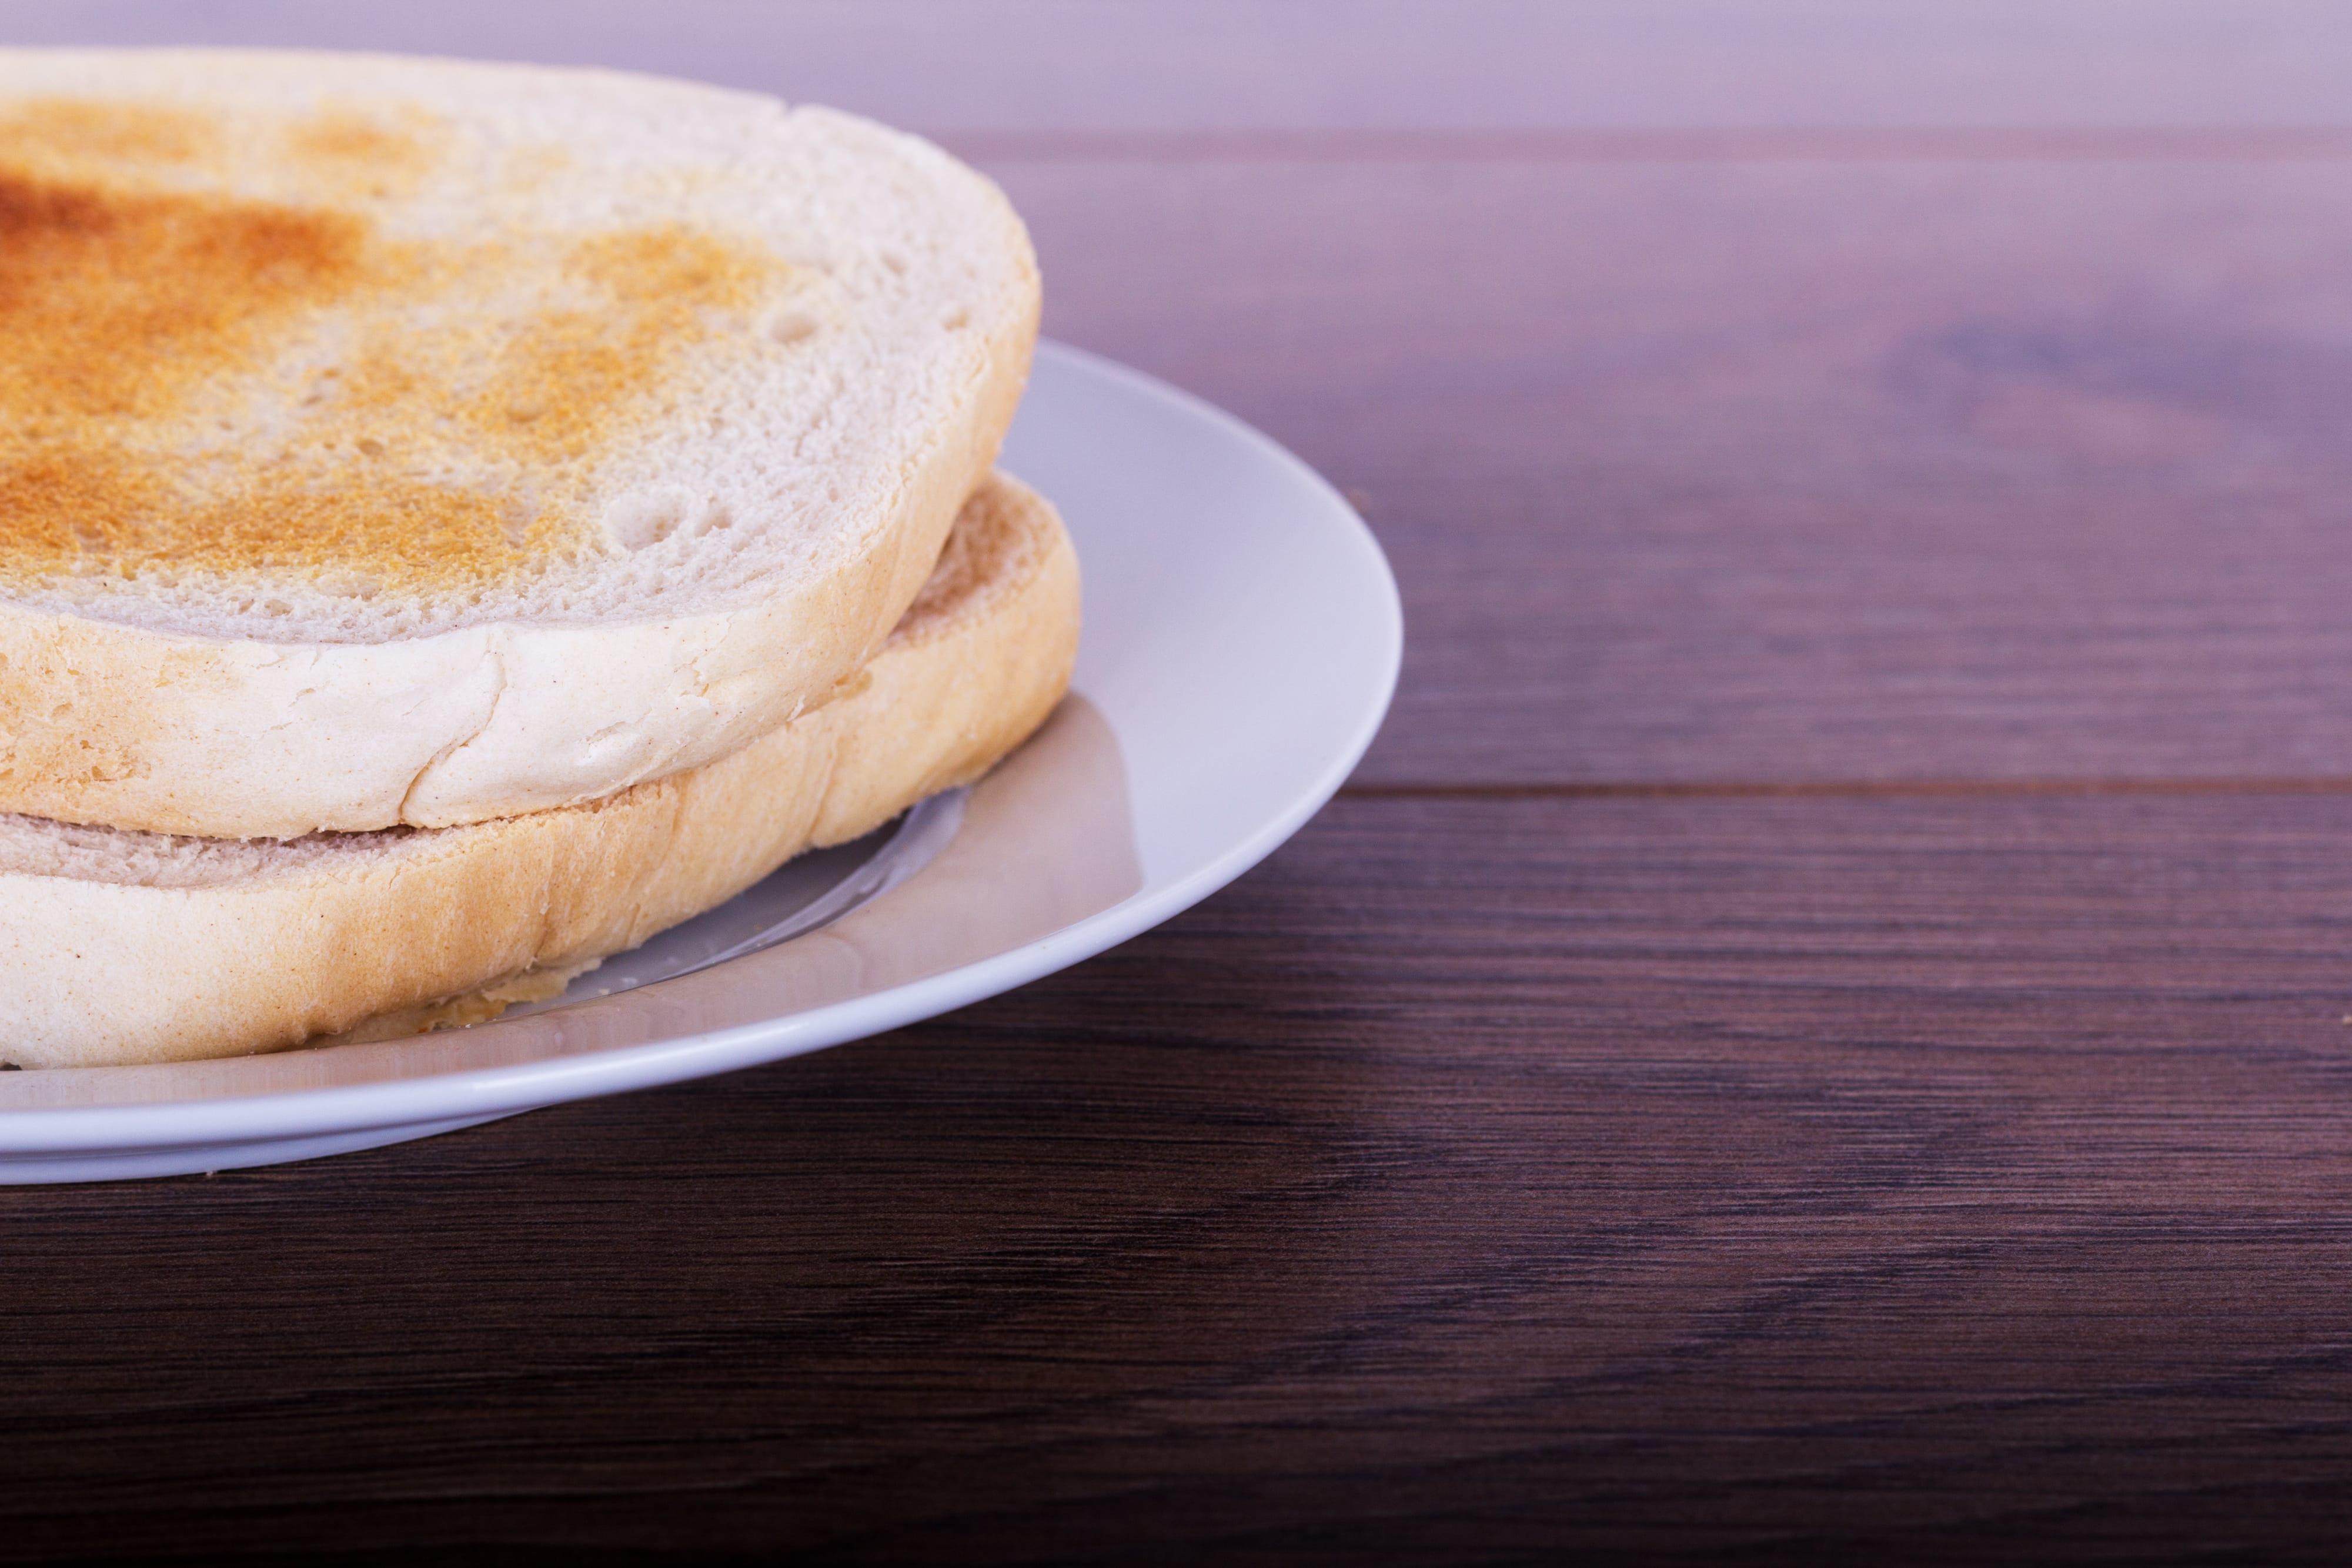 Toastbrot einfrieren und länger haltbar machen